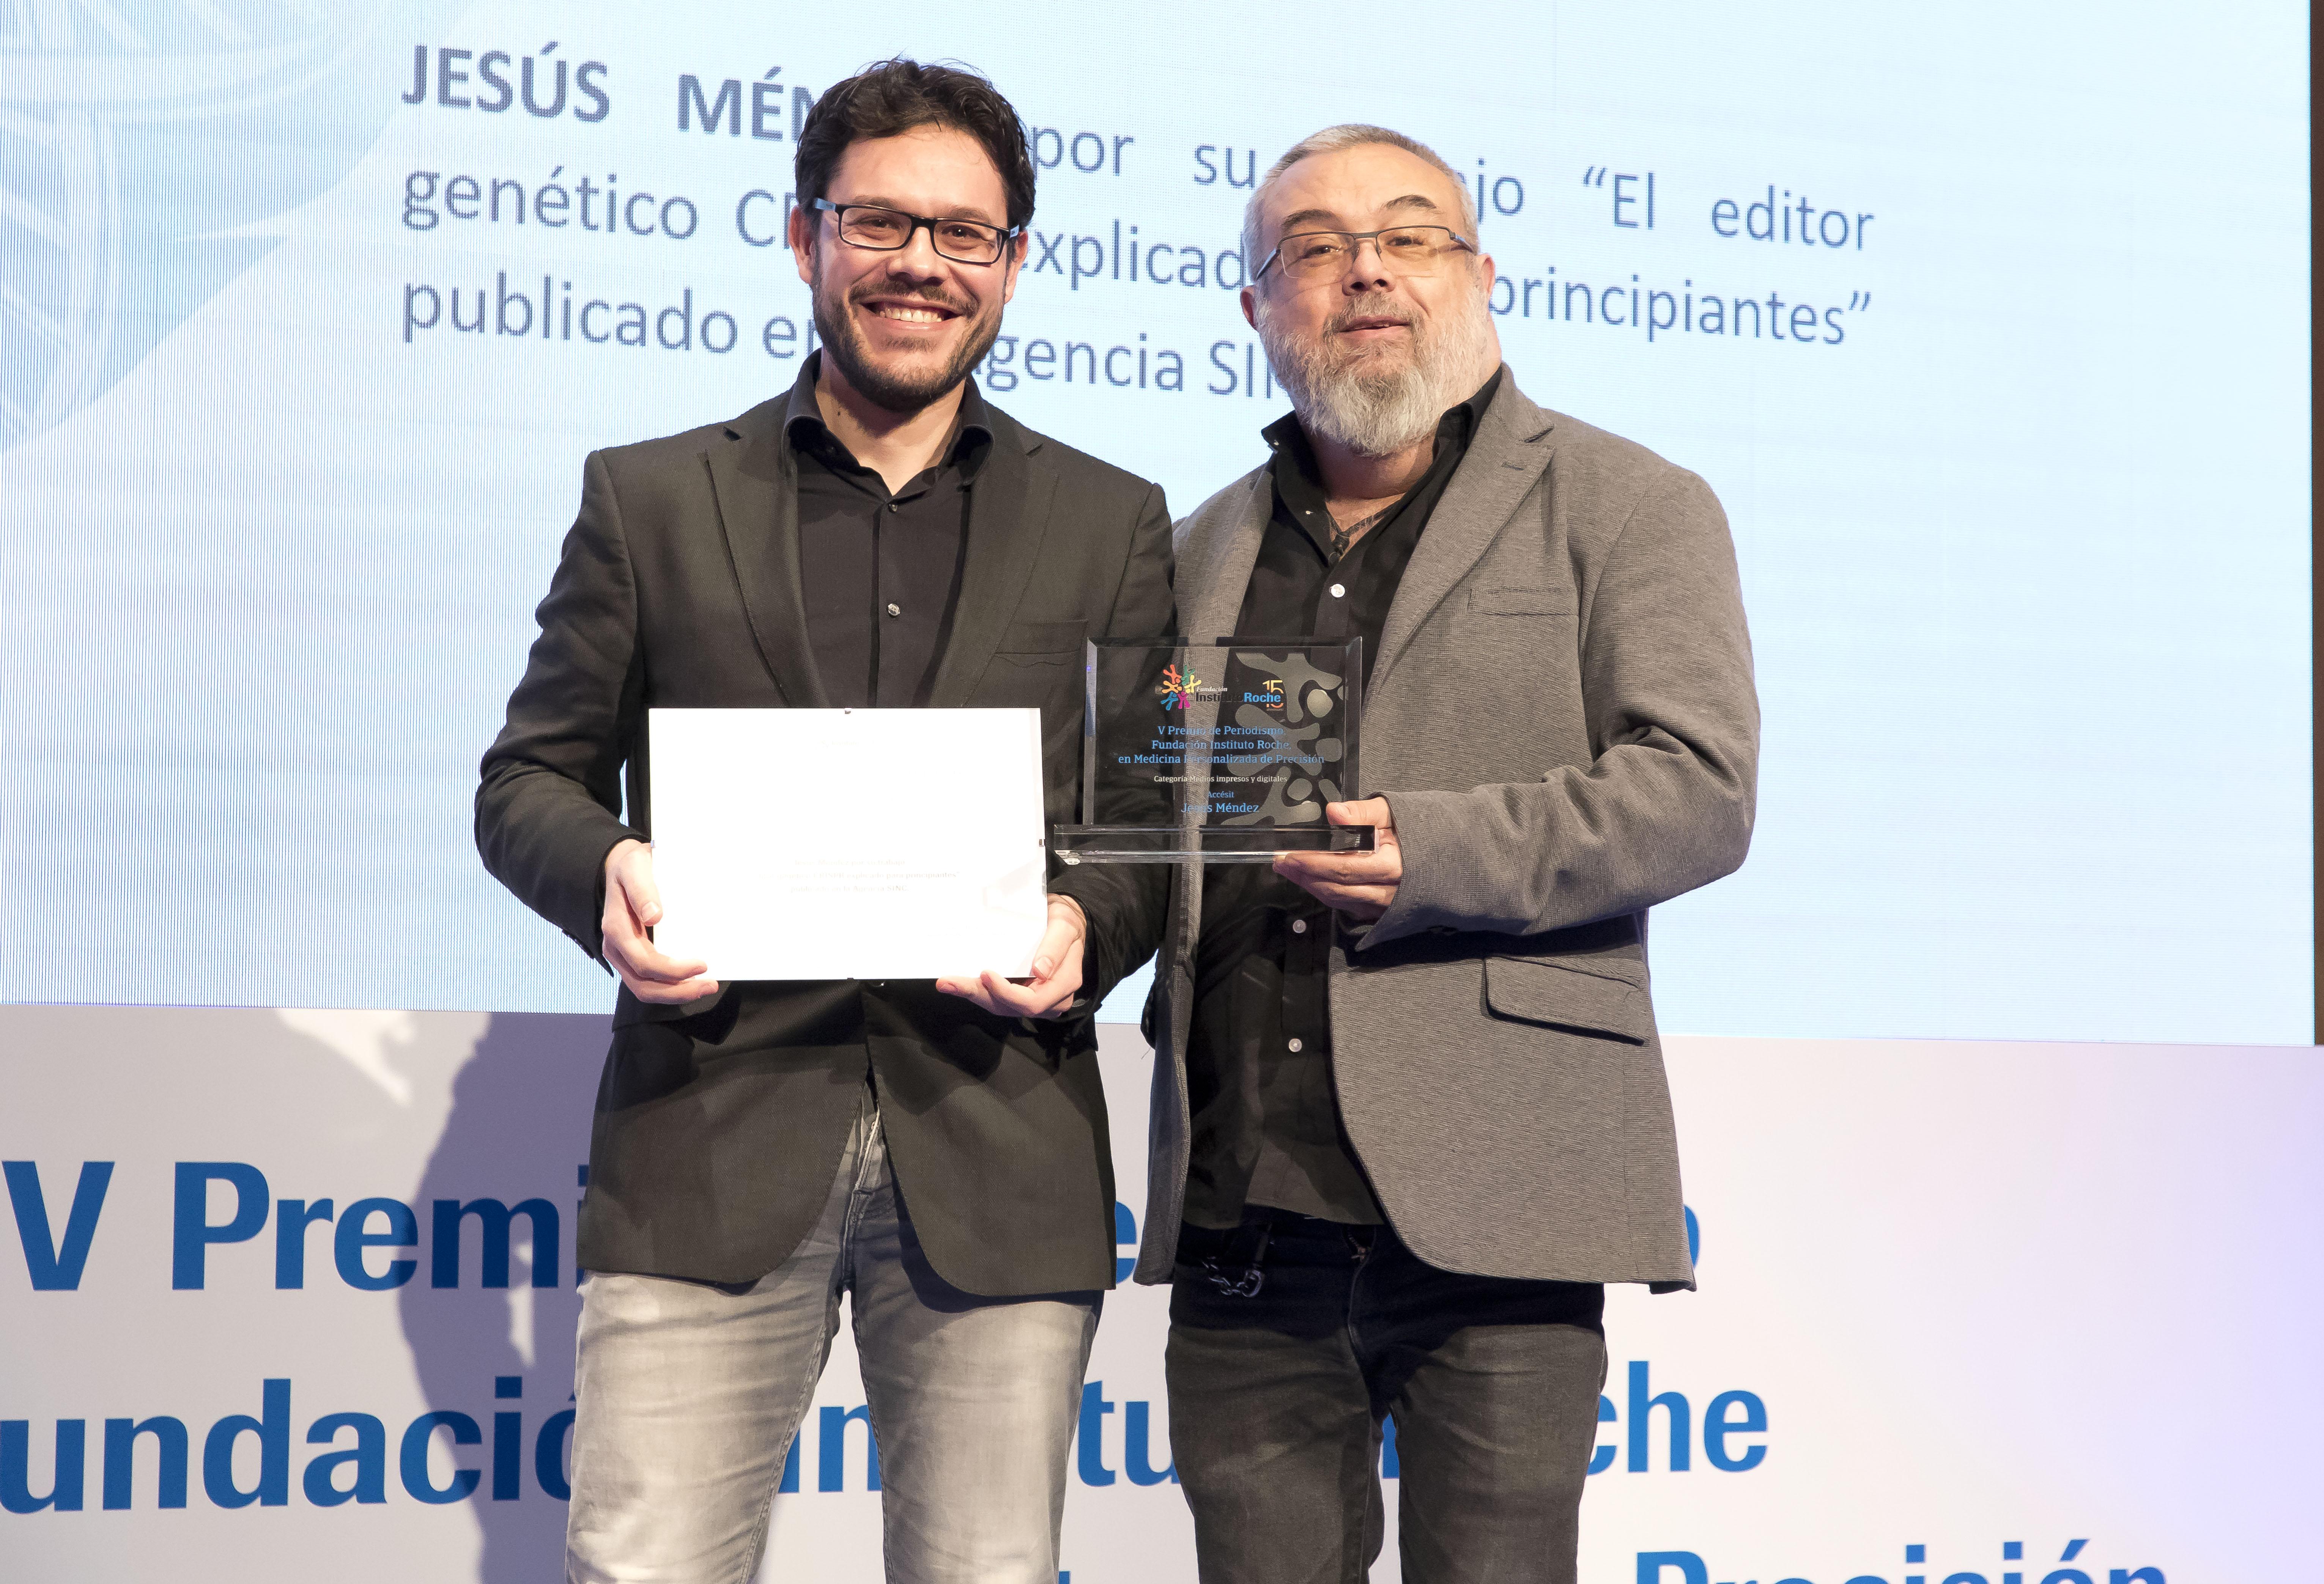 Jesus Mendez - Accésit Medios impresos y digitales